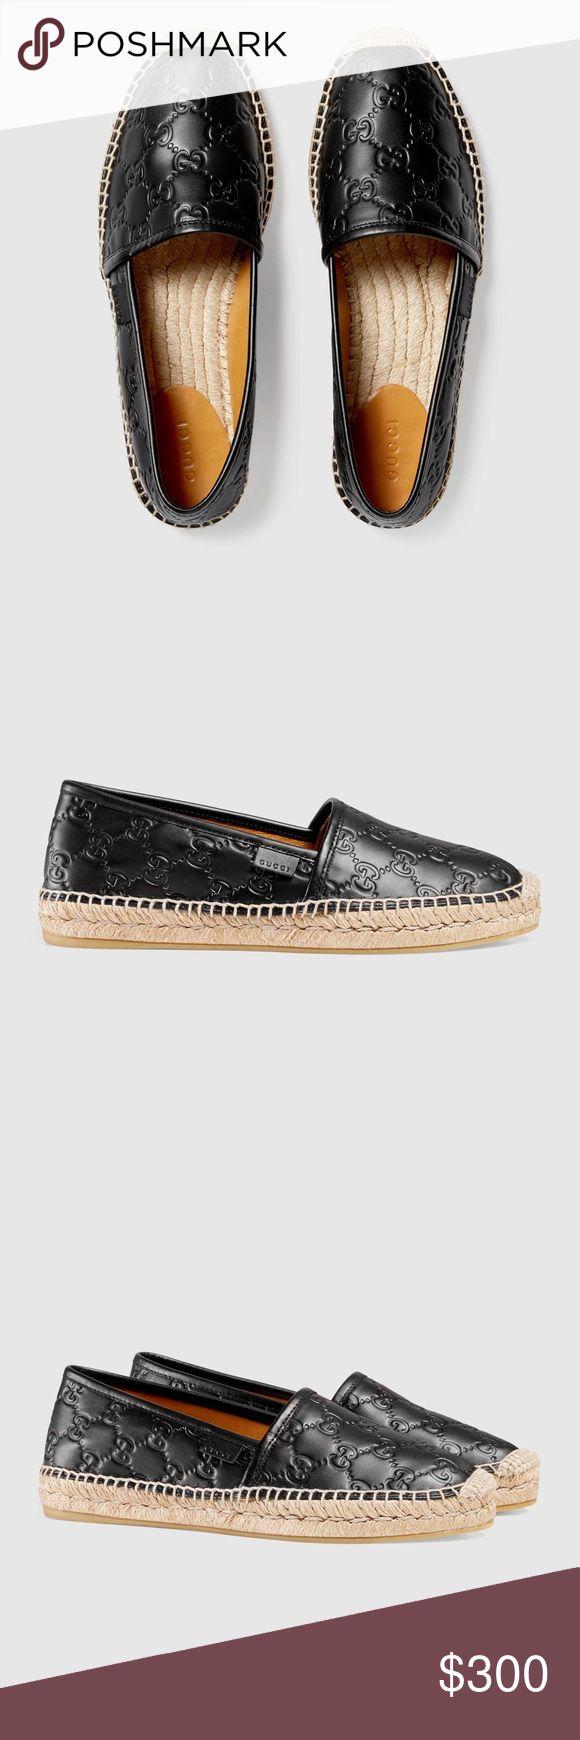 Black leather Gucci espadrilles. 100% authentic black leather Gucci espadrilles! Original price- $450+tax! Gucci Shoes Espadrilles